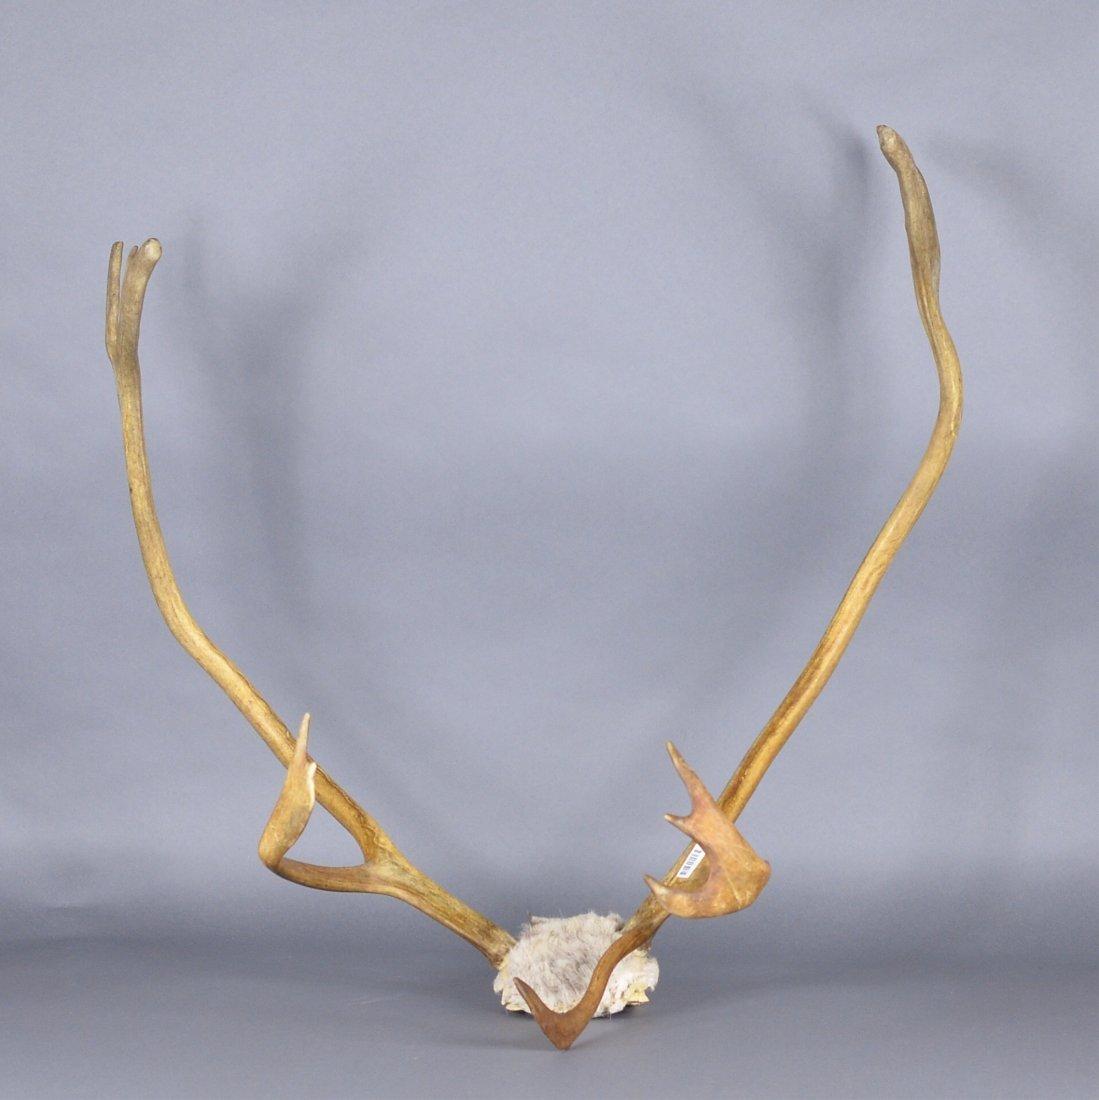 242: Chinese Natural Deer Antlers